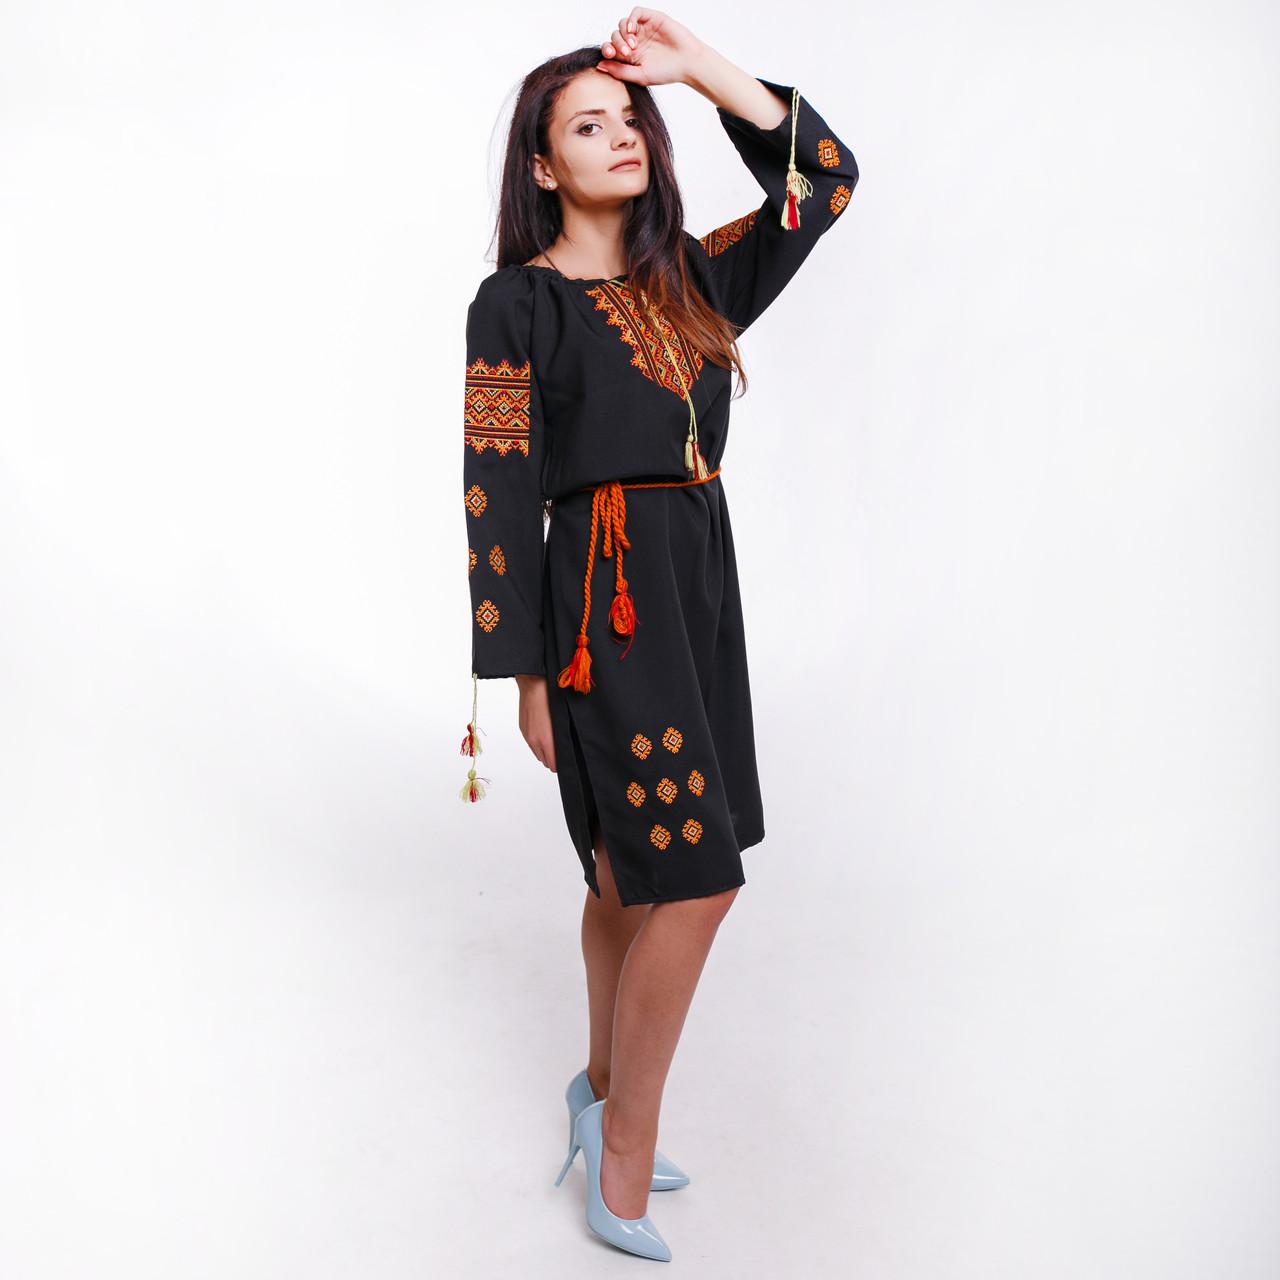 Платье вышиванка - vipdar.com.ua в Киеве ca4f8ae9166a2